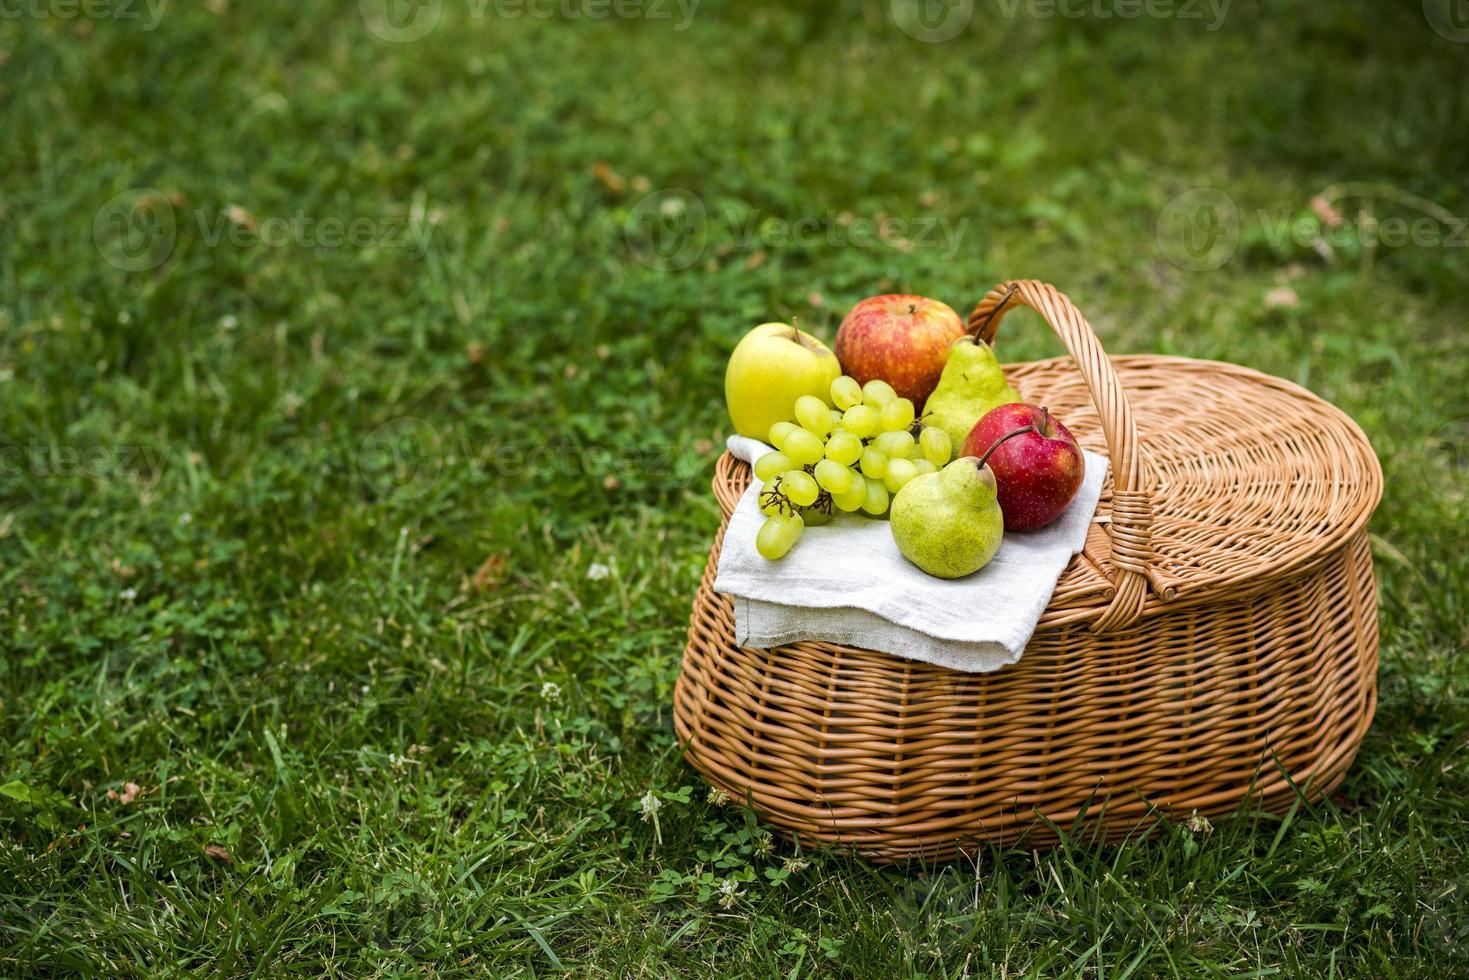 cestino da picnic ad alto angolo con frutta sull'erba verde foto